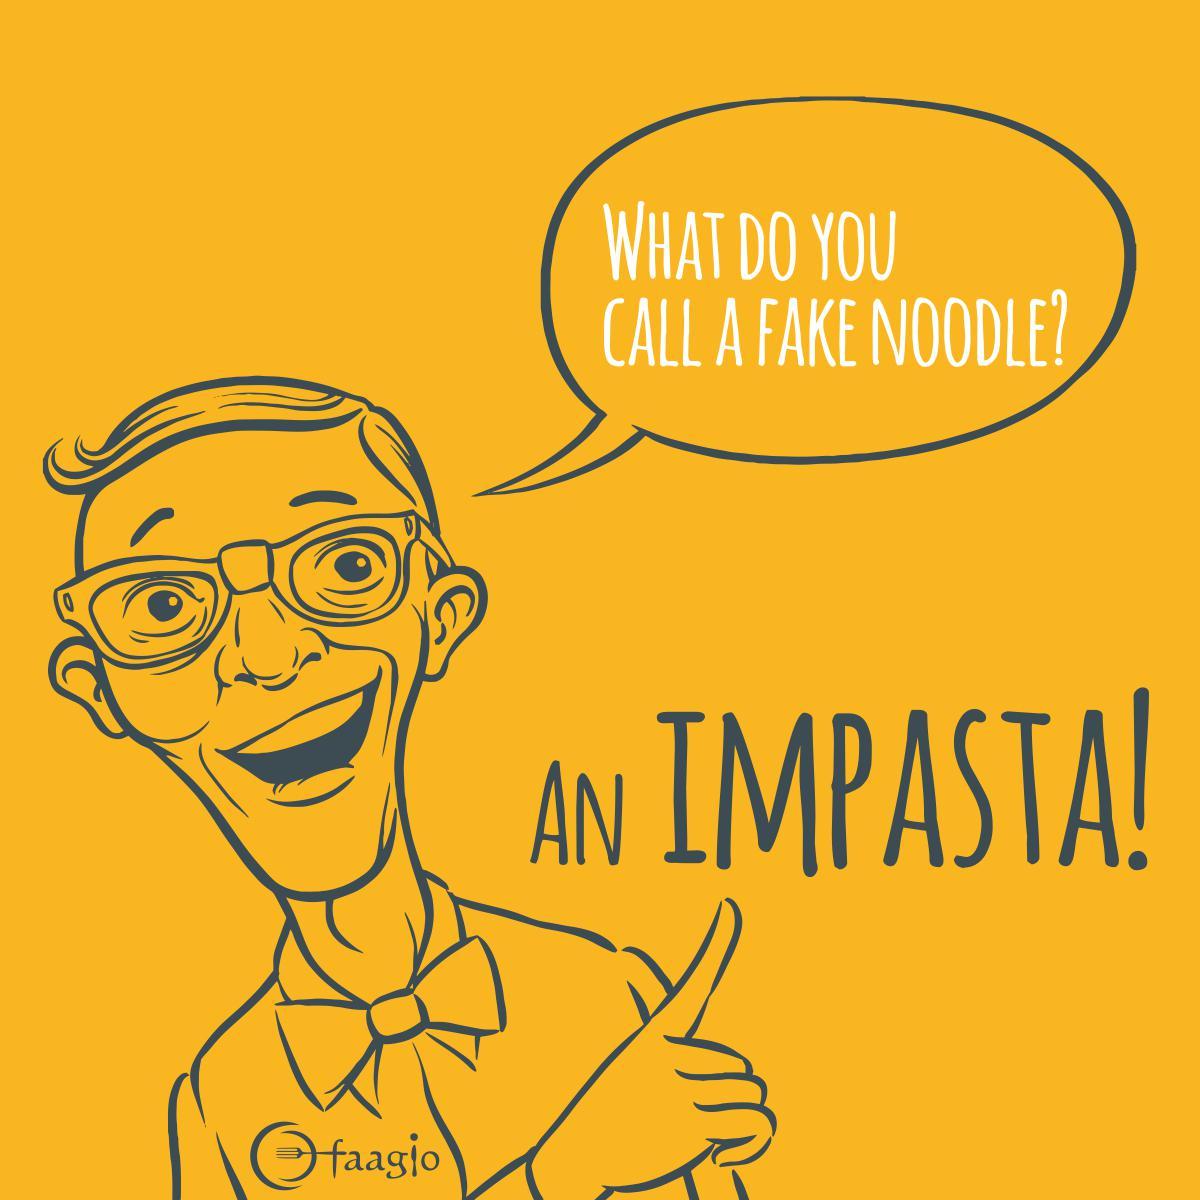 faagio on twitter faagio goodfood impasta puns buns jokes